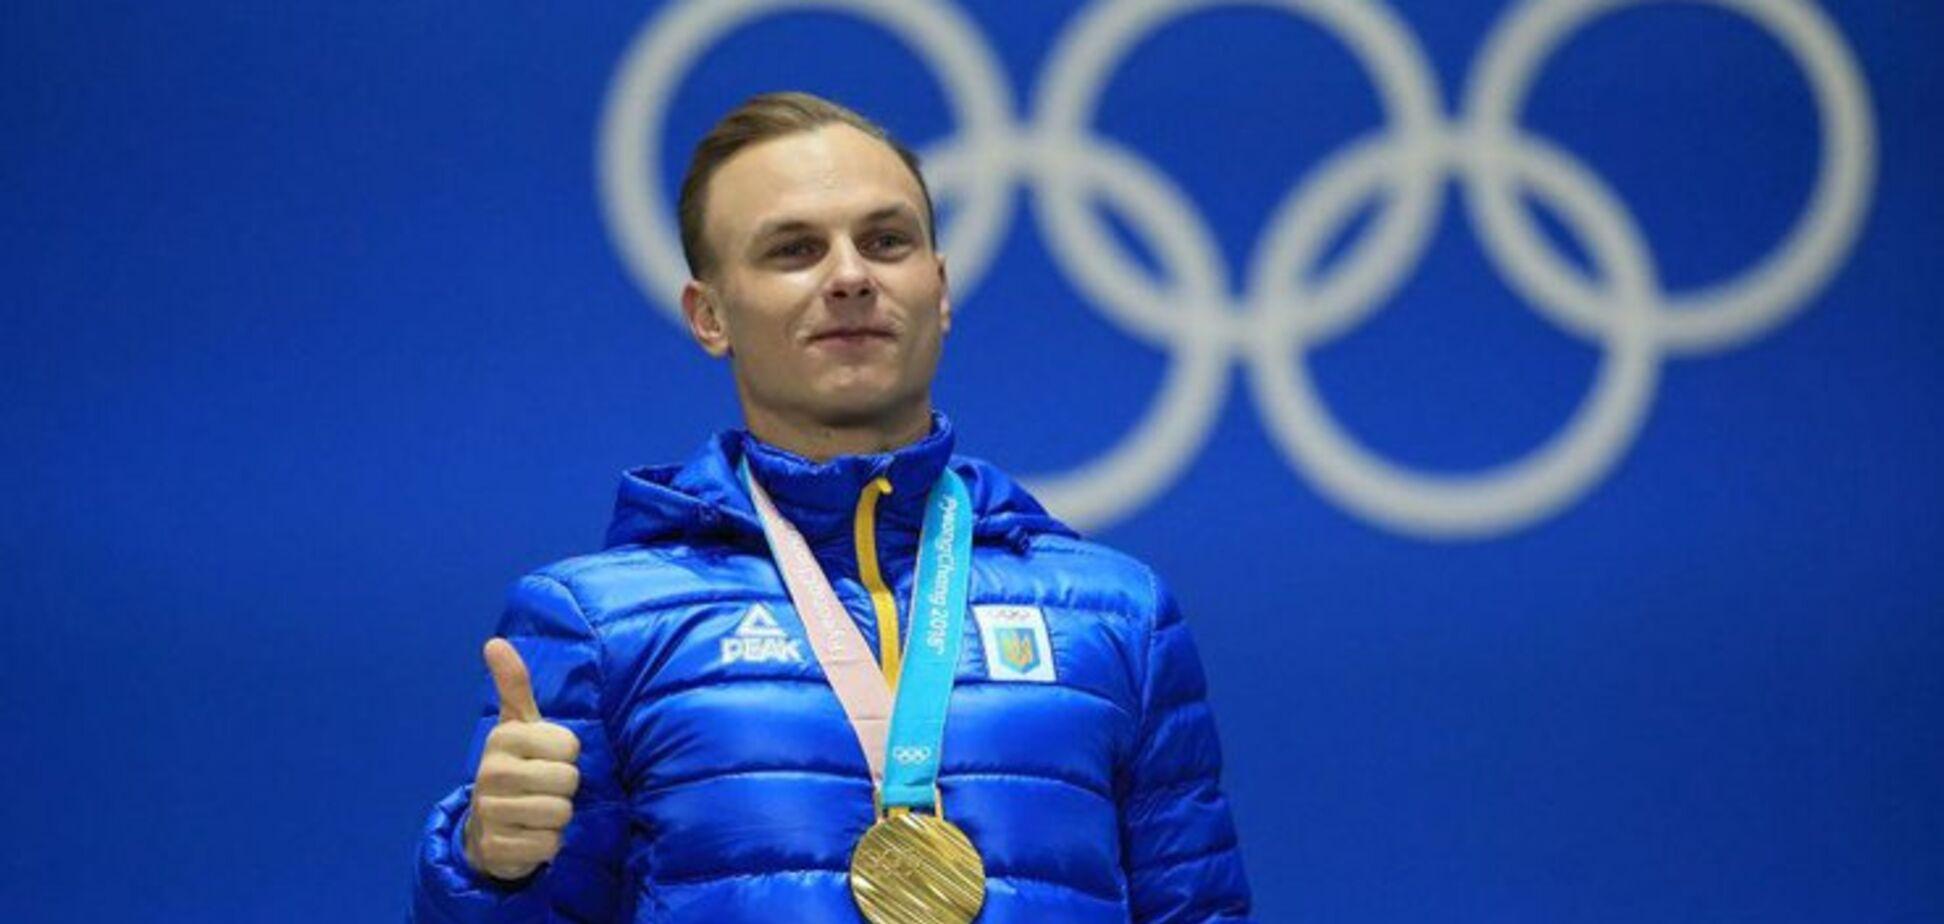 'Золото' Украины на Олимпиаде-2018: стало известно, сколько Абраменко получит за медаль